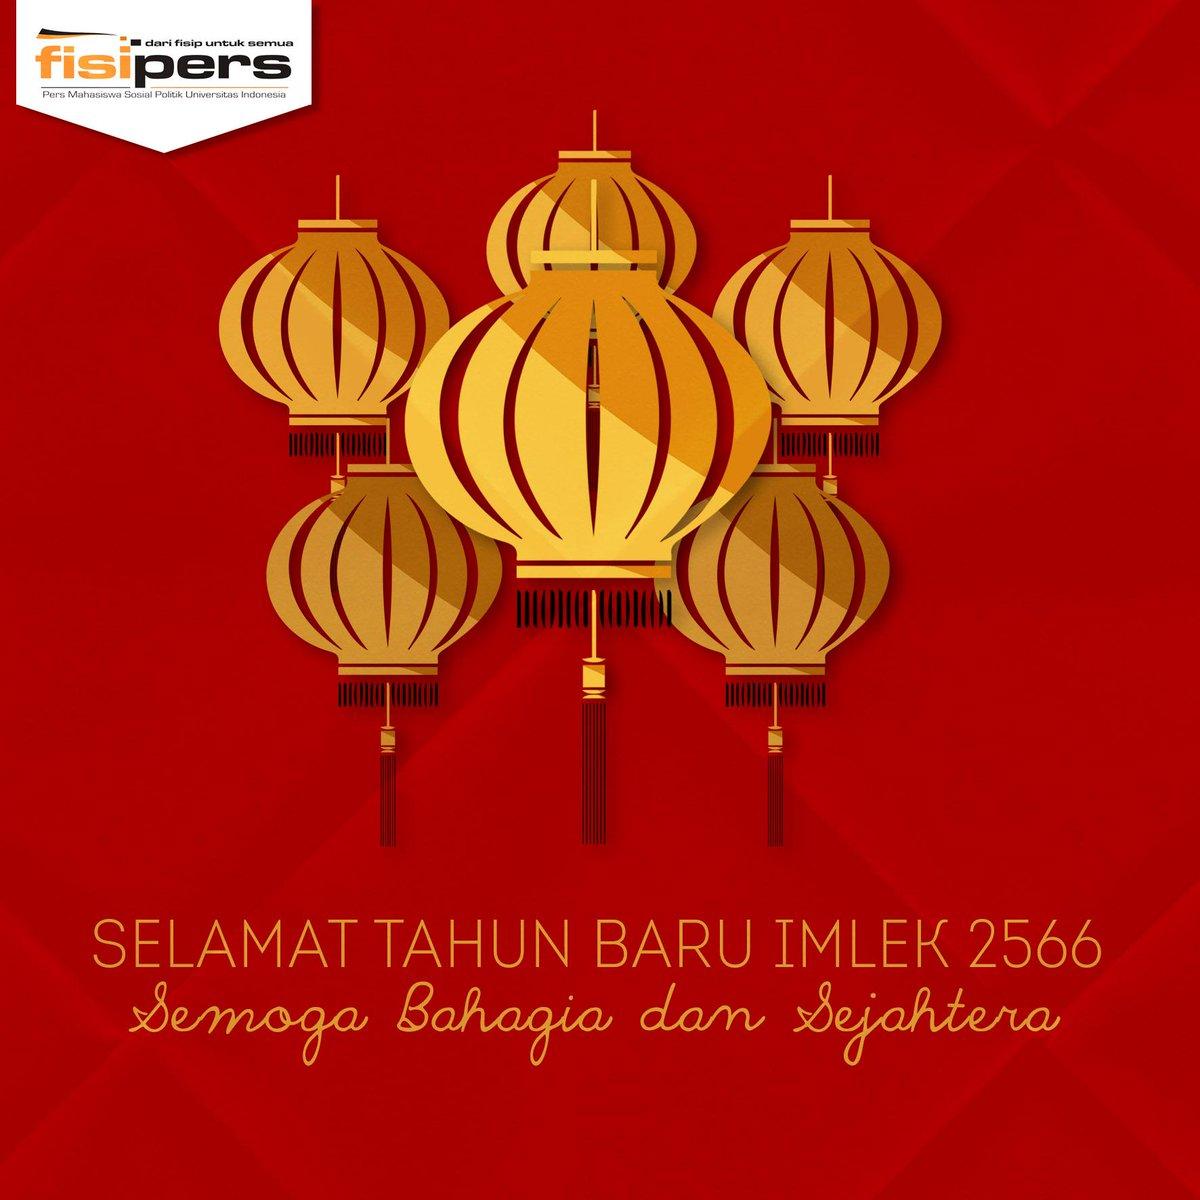 Selamat Tahun Baru Imlek 2566, kawan! @FISIP_UI2014 @FISIPUI_2013 @FISIPUI_2012 @FISIP_UI_2011